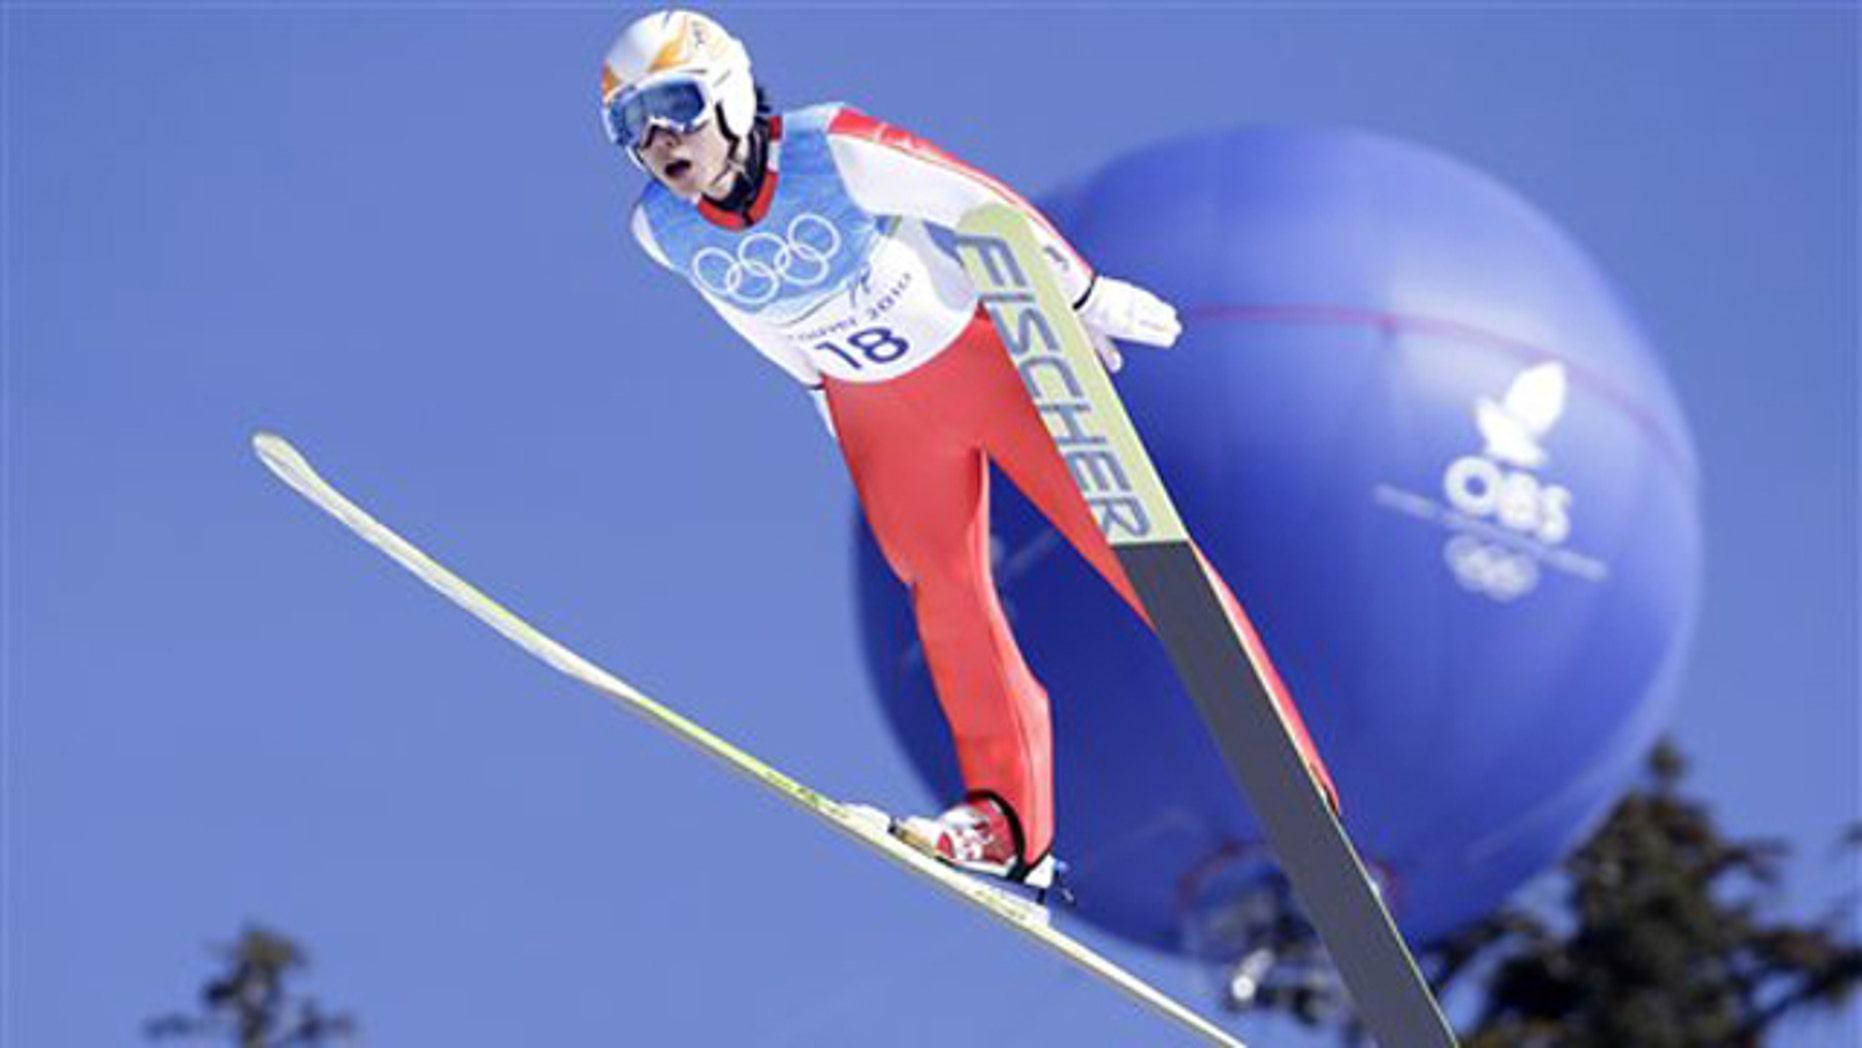 Korea's Kim Hyun-Ki makes an attempt during Men's large hill ski jumping training session at the Vancouver 2010 Olympics.